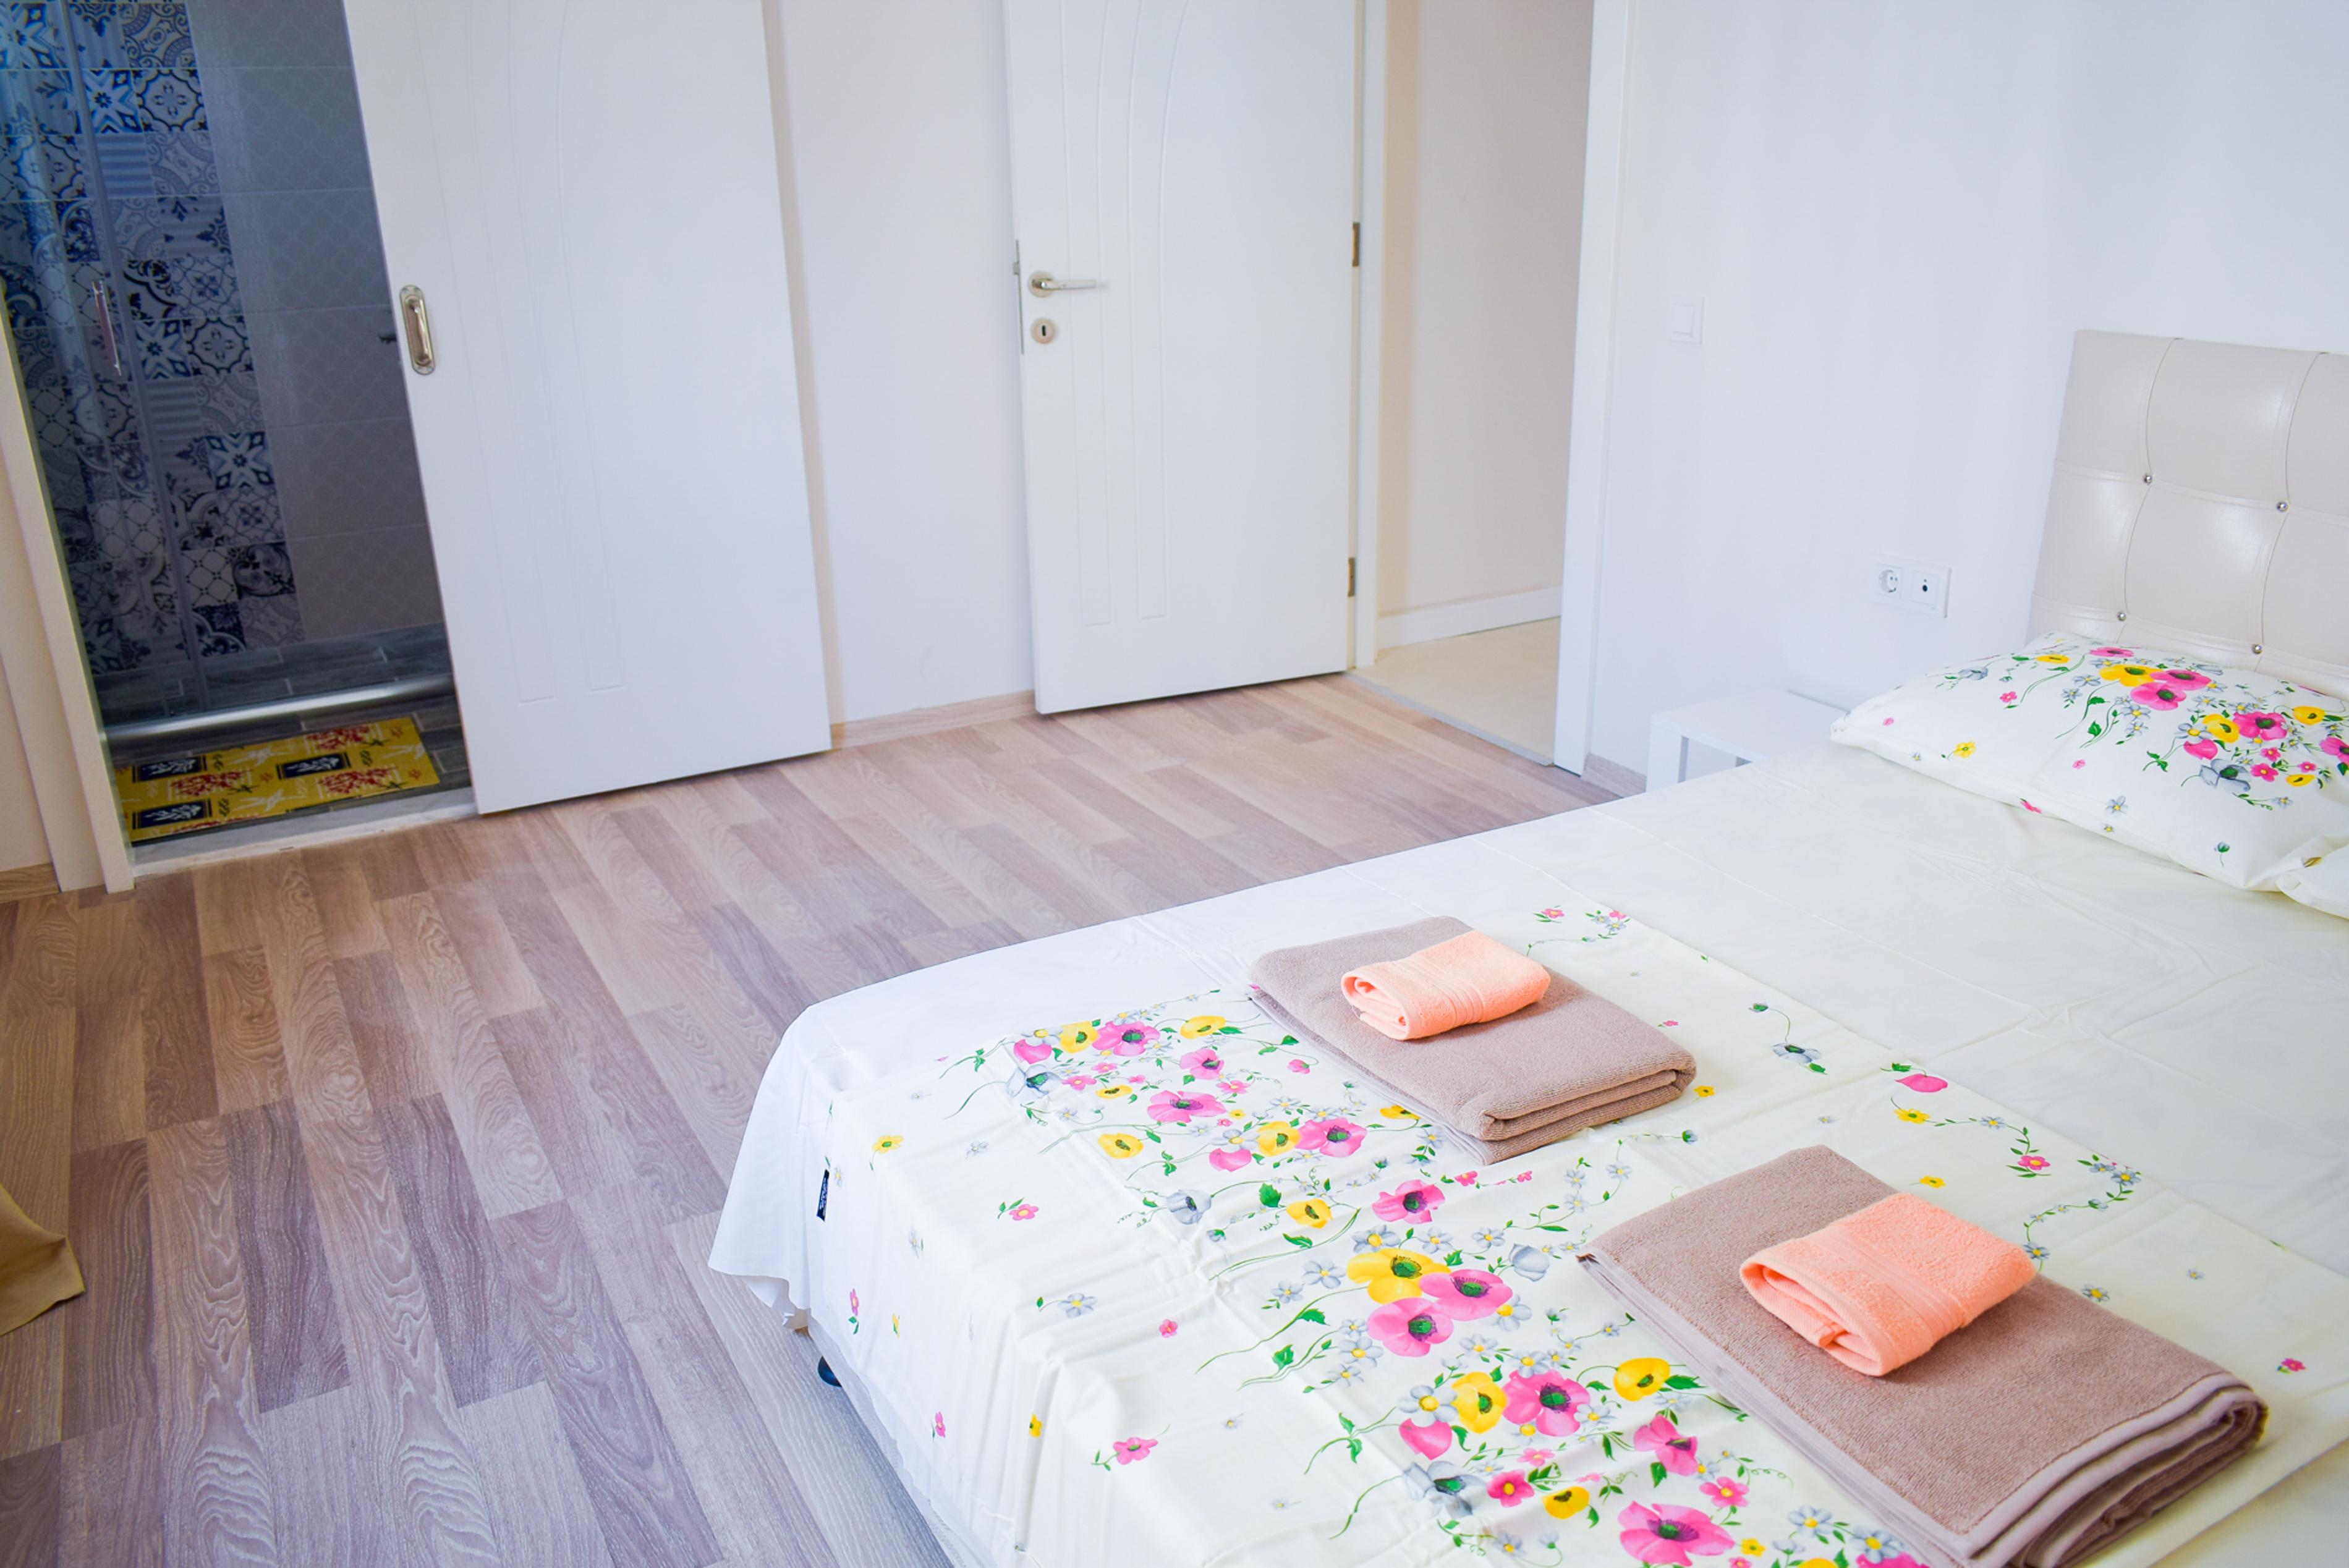 Ferienwohnung Gerumige 2 Schlafzimmer fr bis zu 5 mit Blick auf die Berge Gratis Wifi (2782158), Çakirlar, , Mittelmeerregion, Türkei, Bild 5